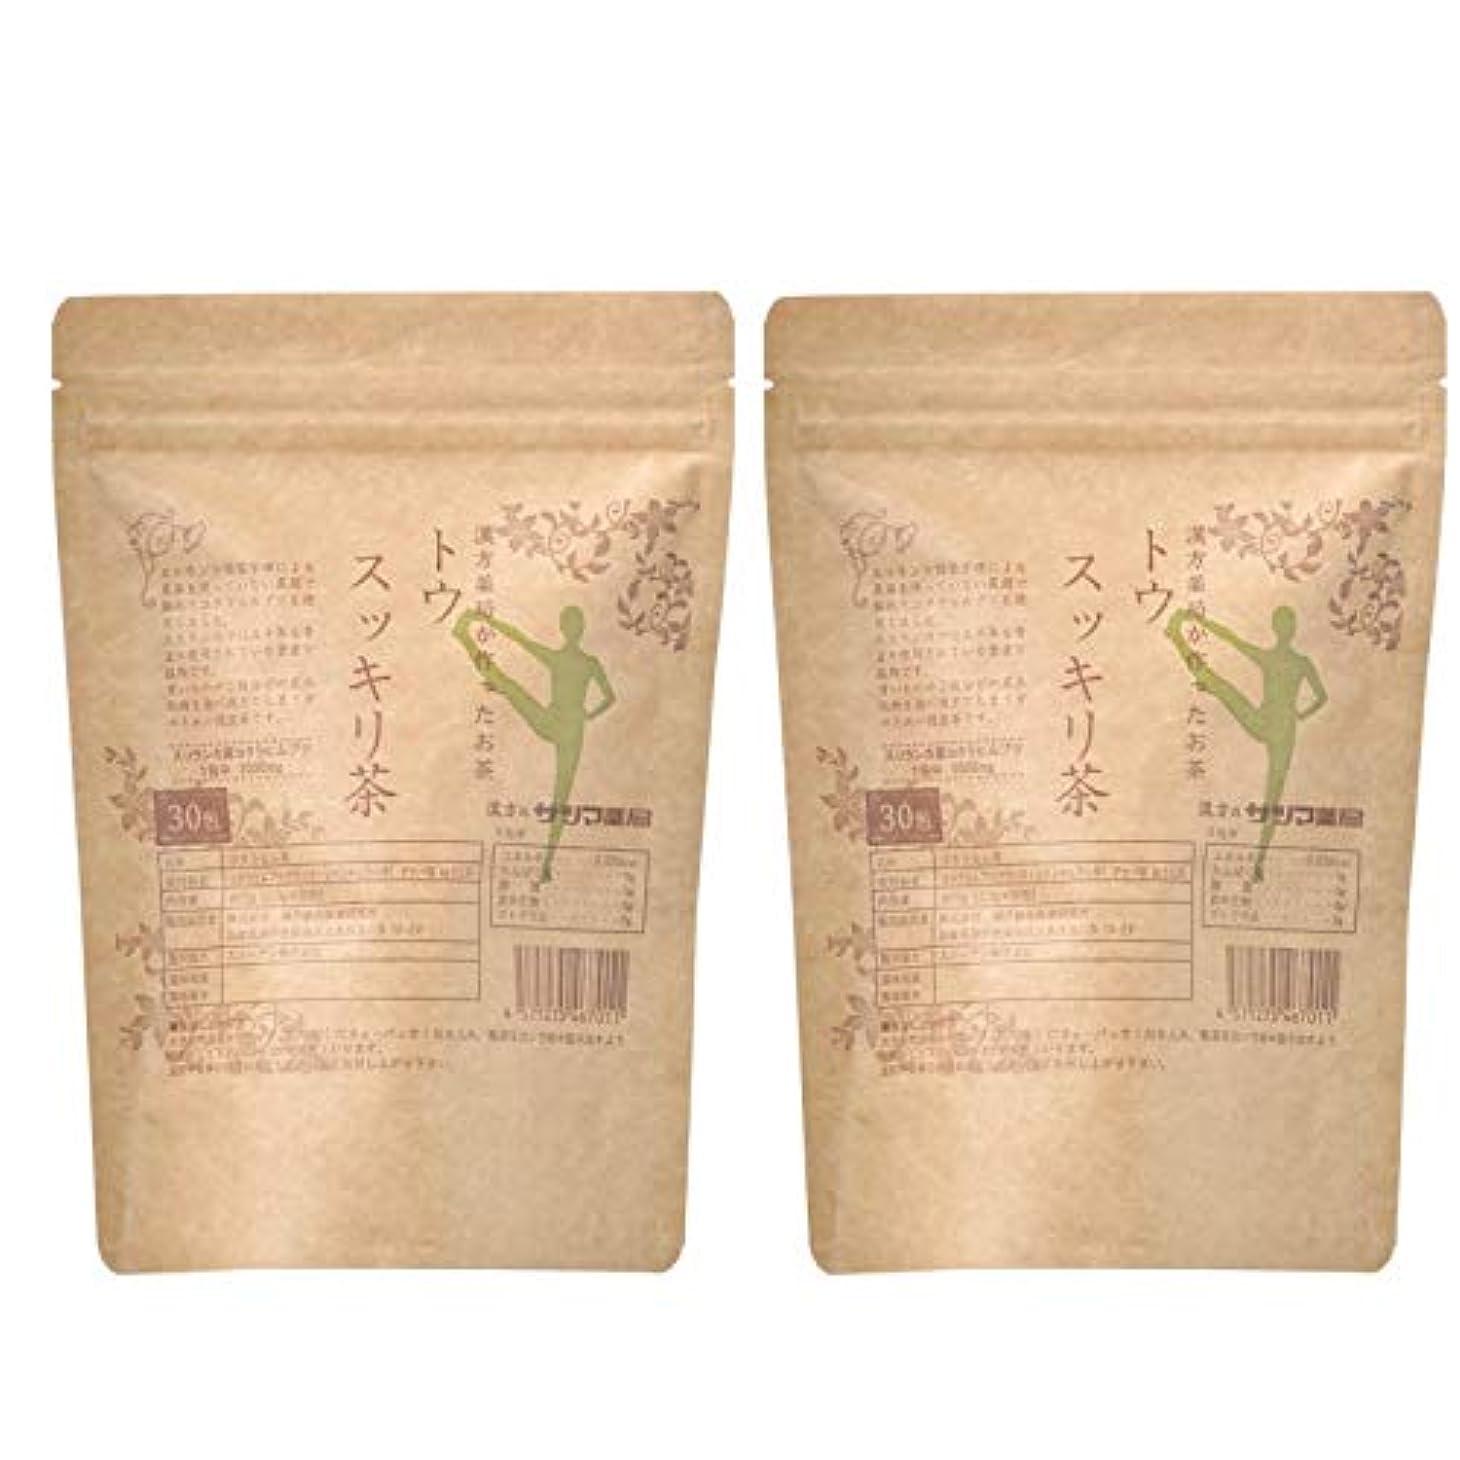 哺乳類シェトランド諸島長いですサツマ薬局 ダイエットティー トウスッキリ茶 60包(30包×2) ティーパック 高濃度コタラヒム茶 ほうじ茶